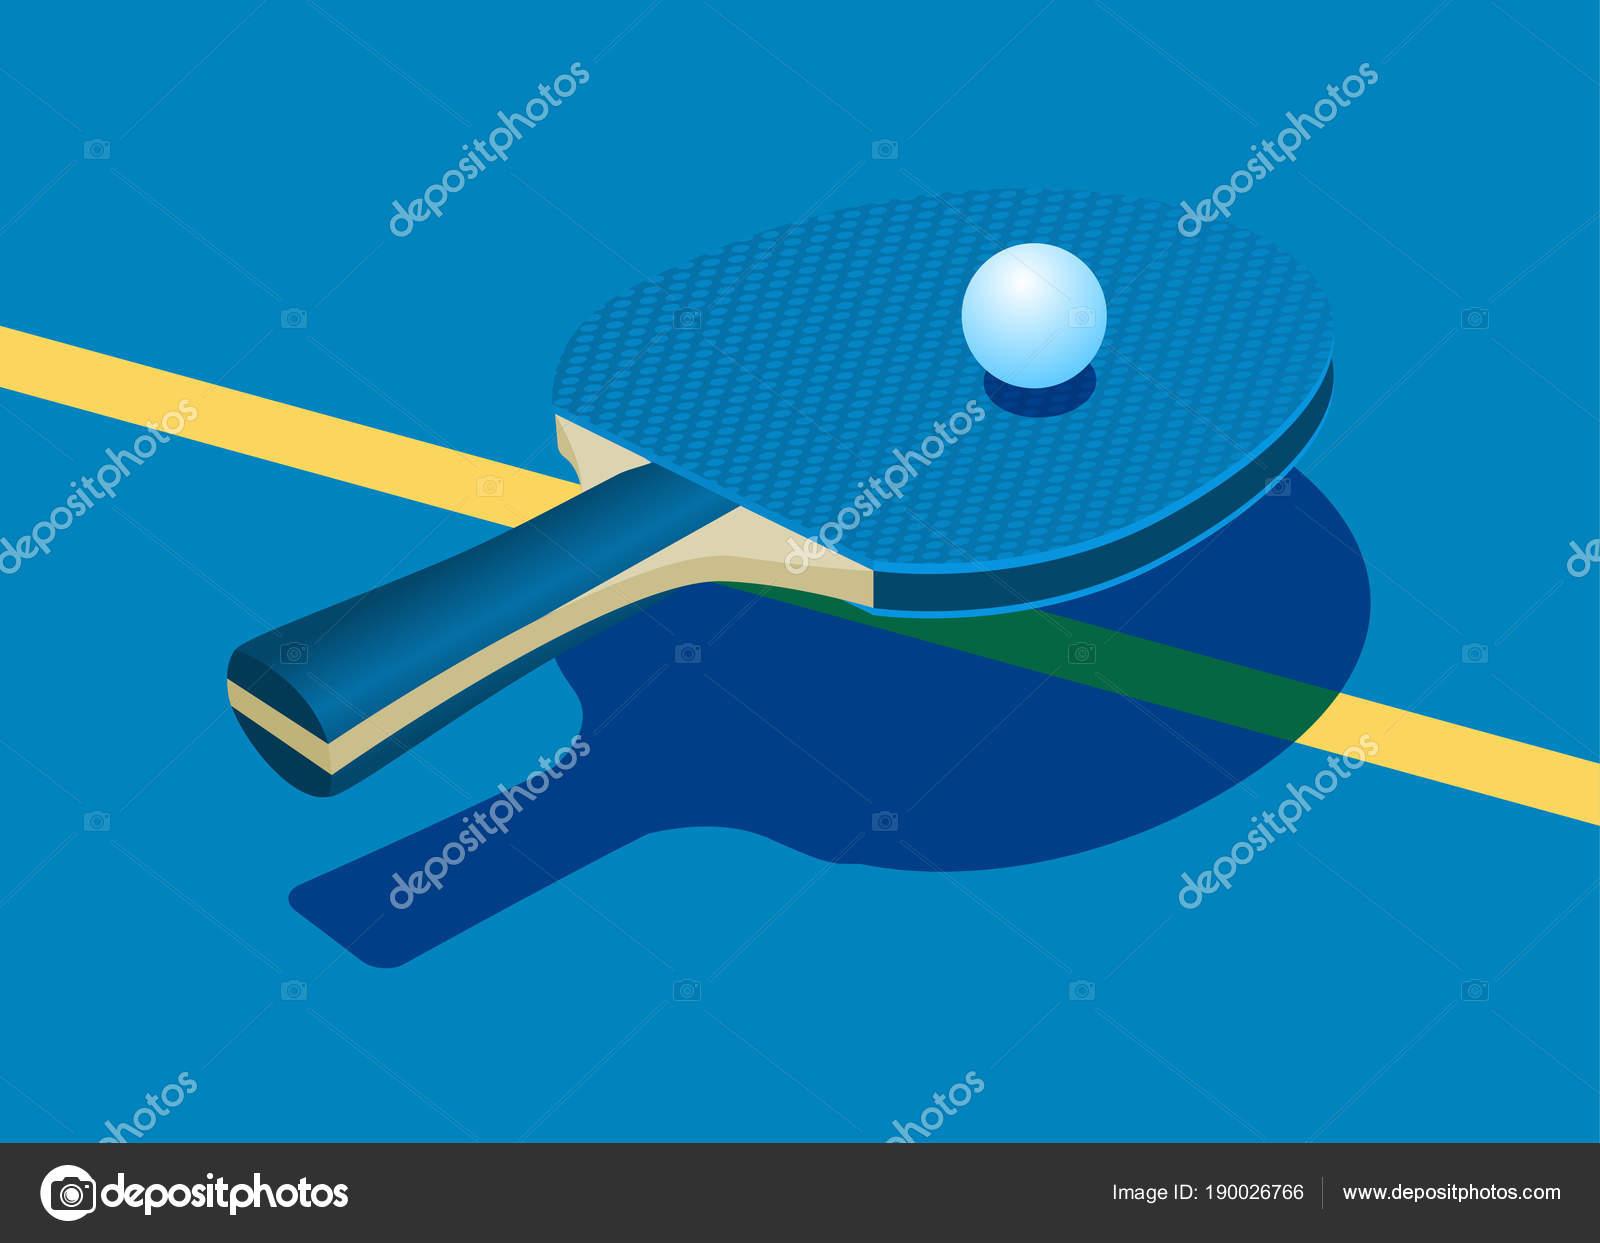 dd8147cd6 Raquete Para Tênis Mesa Bola Ilustração Vetorial — Vetores de Stock ...